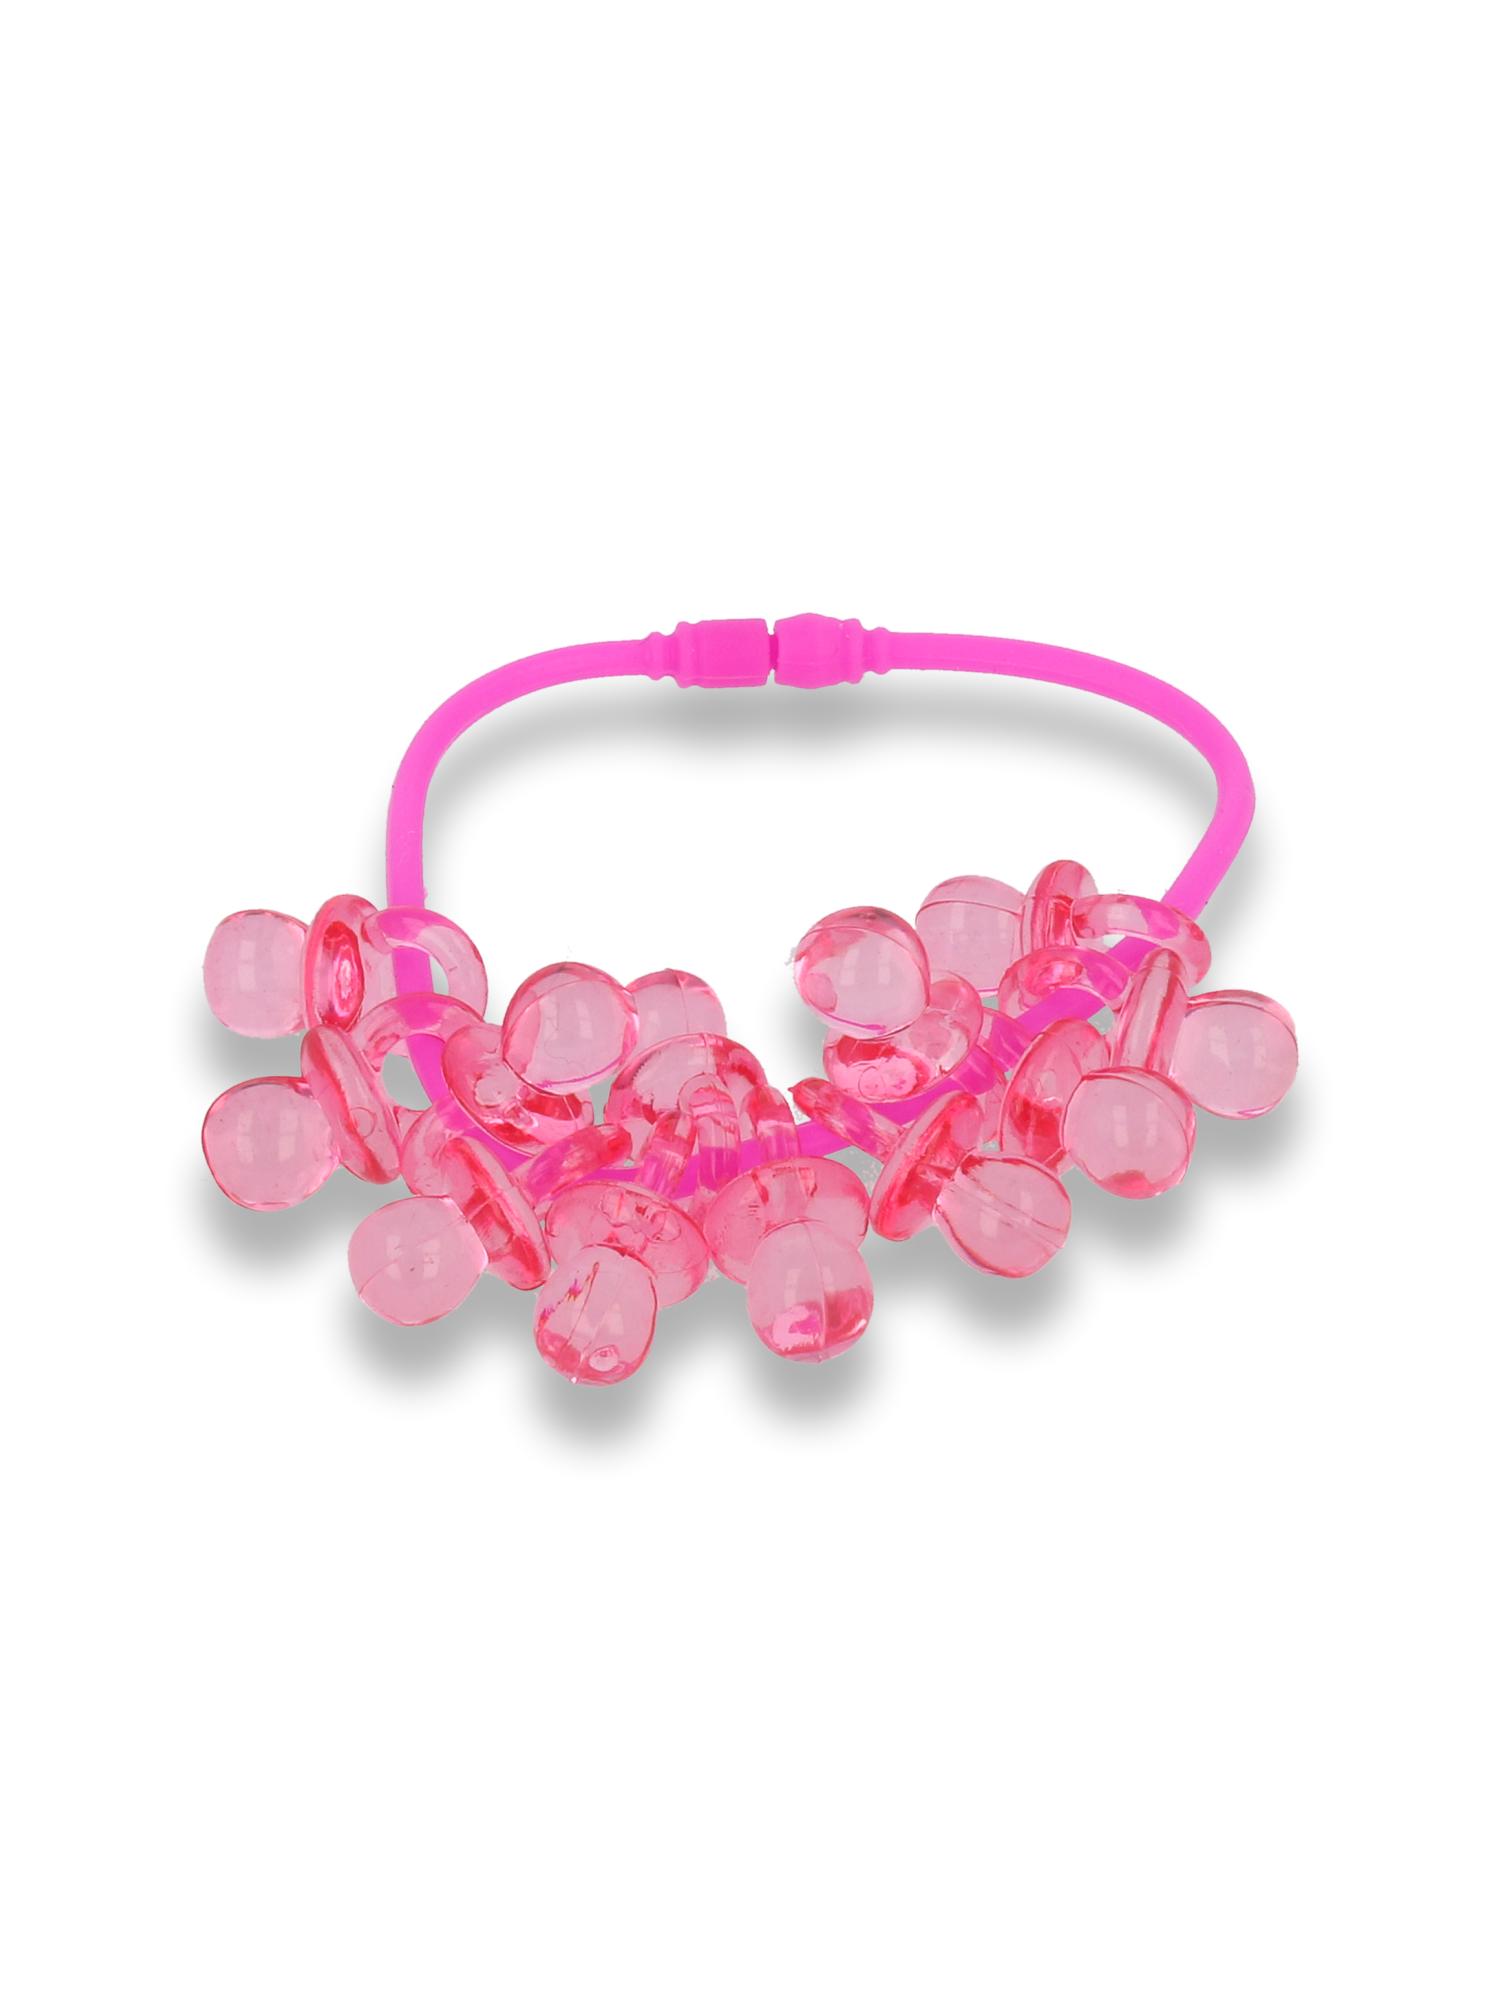 Różowa Bransoletka z zawieszkami w kształcie smoczków - baby shower                                  zdj.                                  1